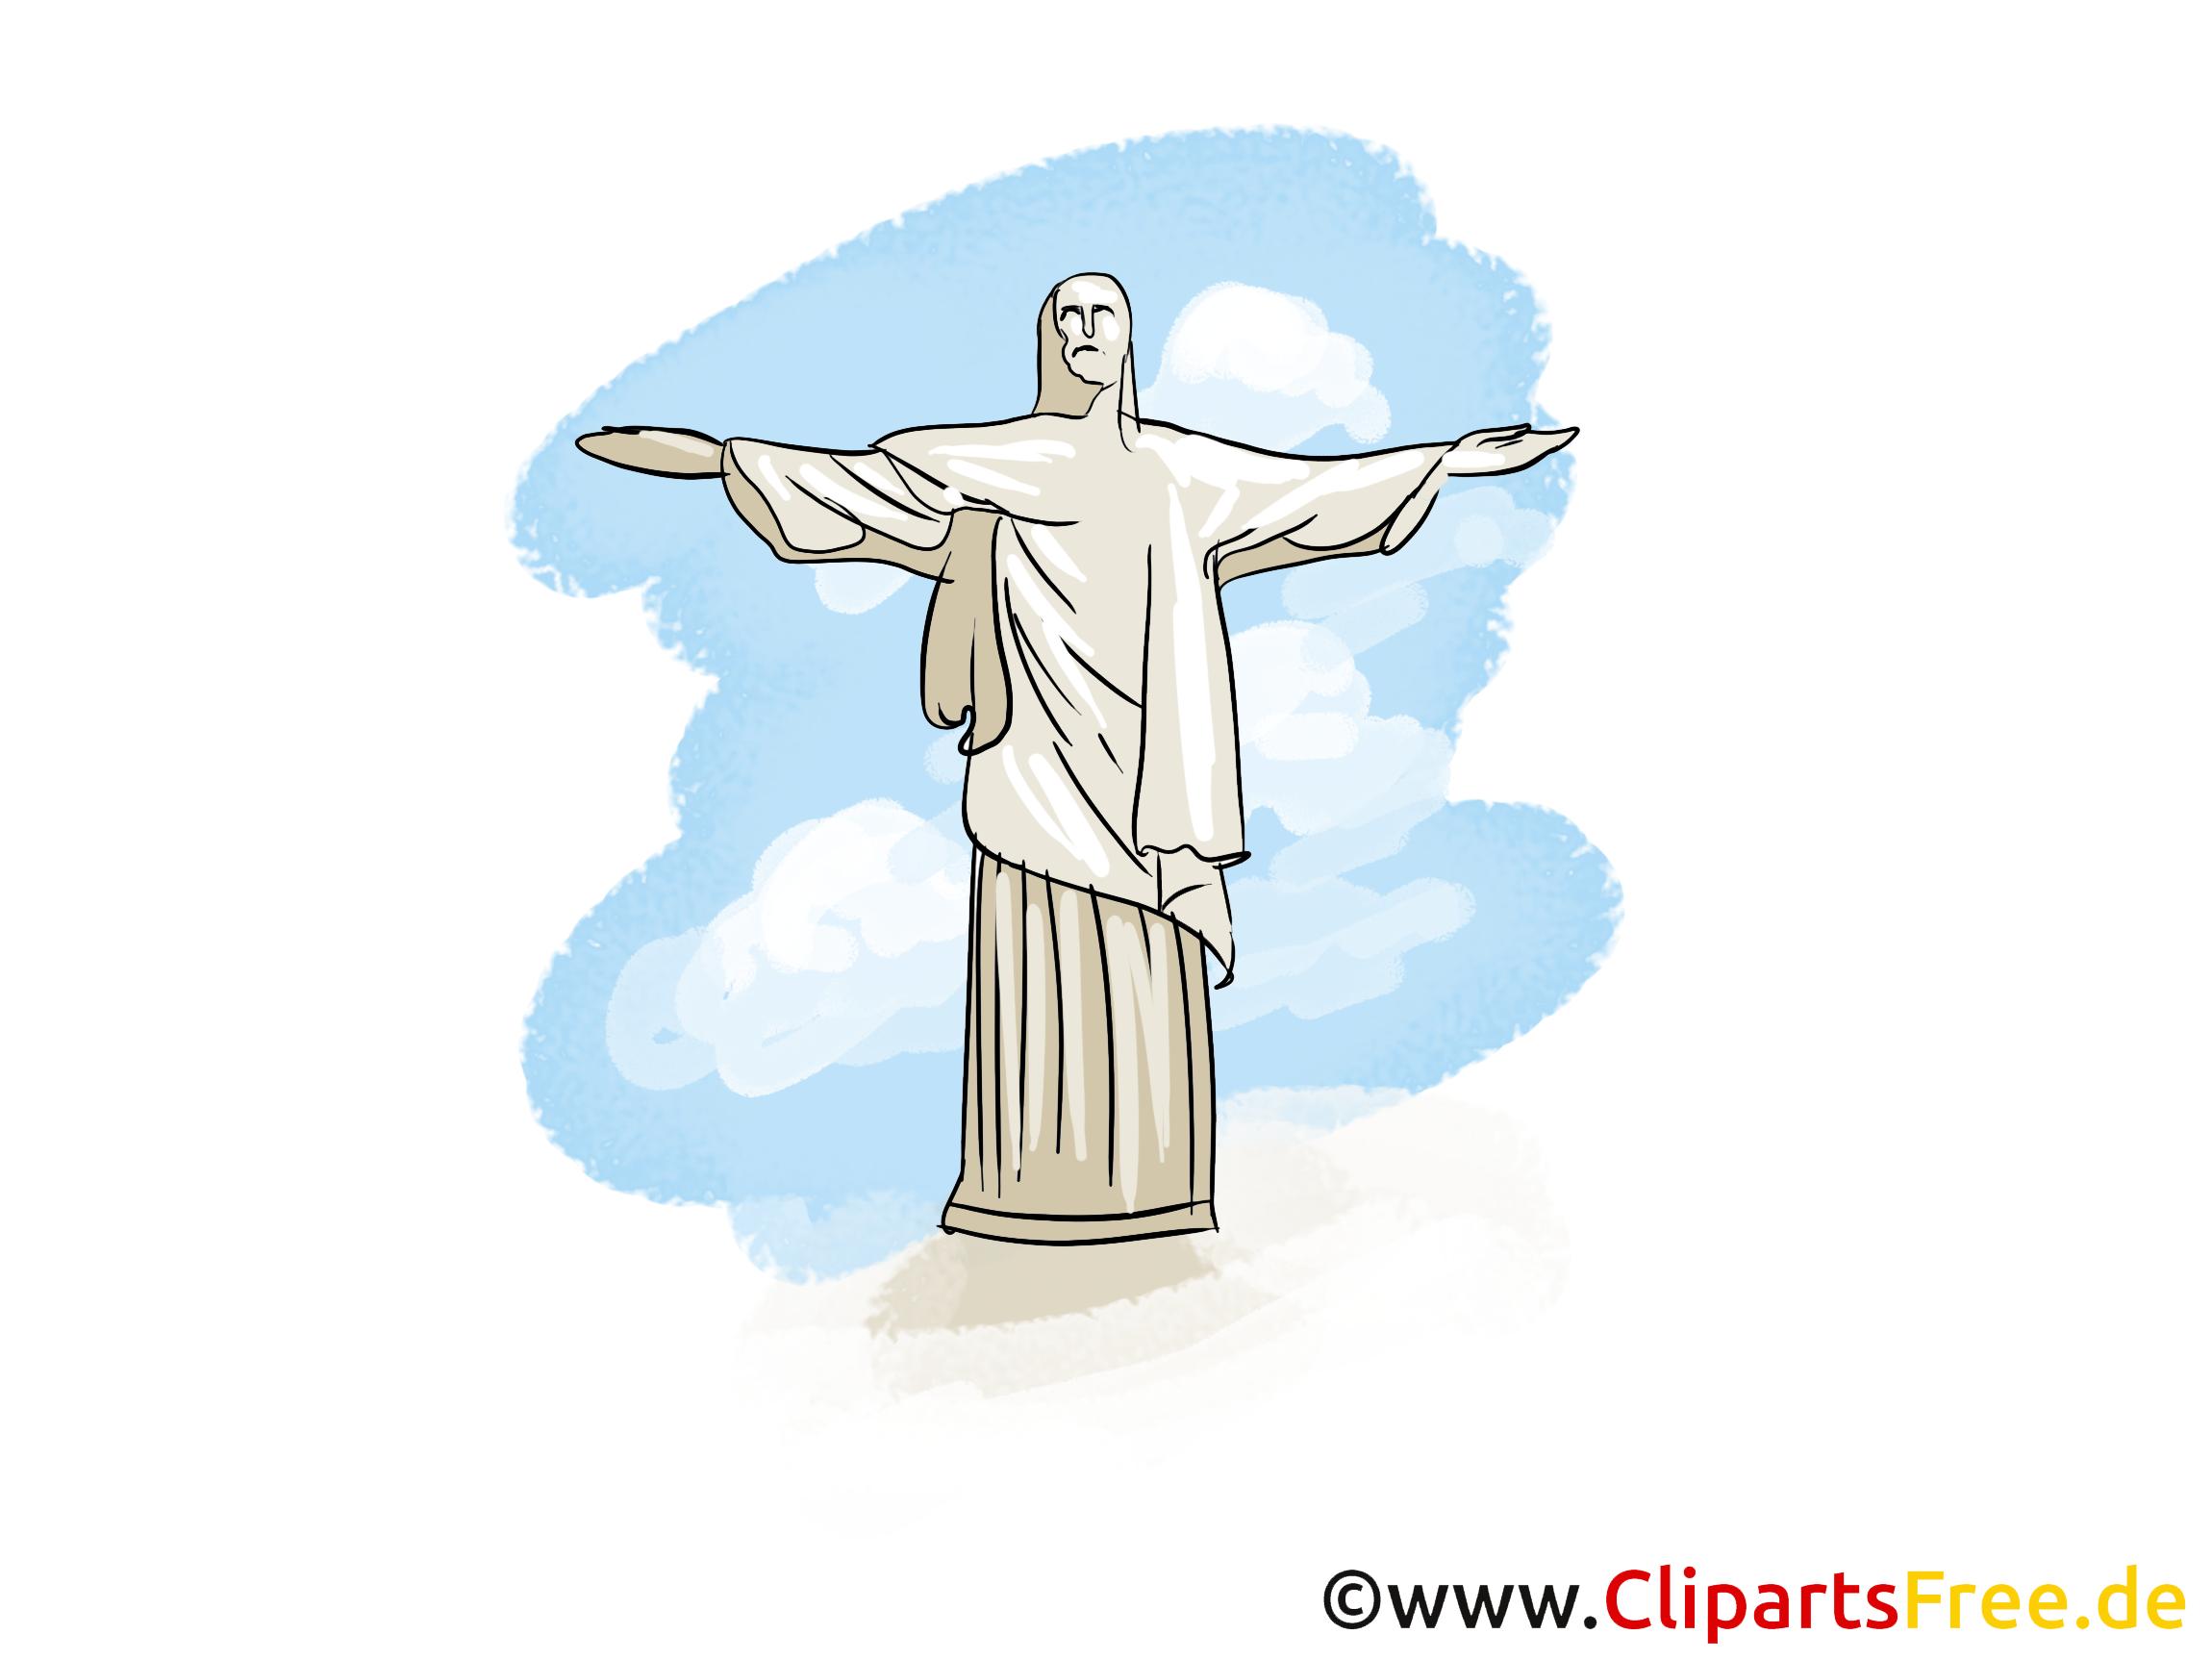 Dessin Christ Redempteur christ rédempteur image - rio de janeiro cliparts - voyage dessin